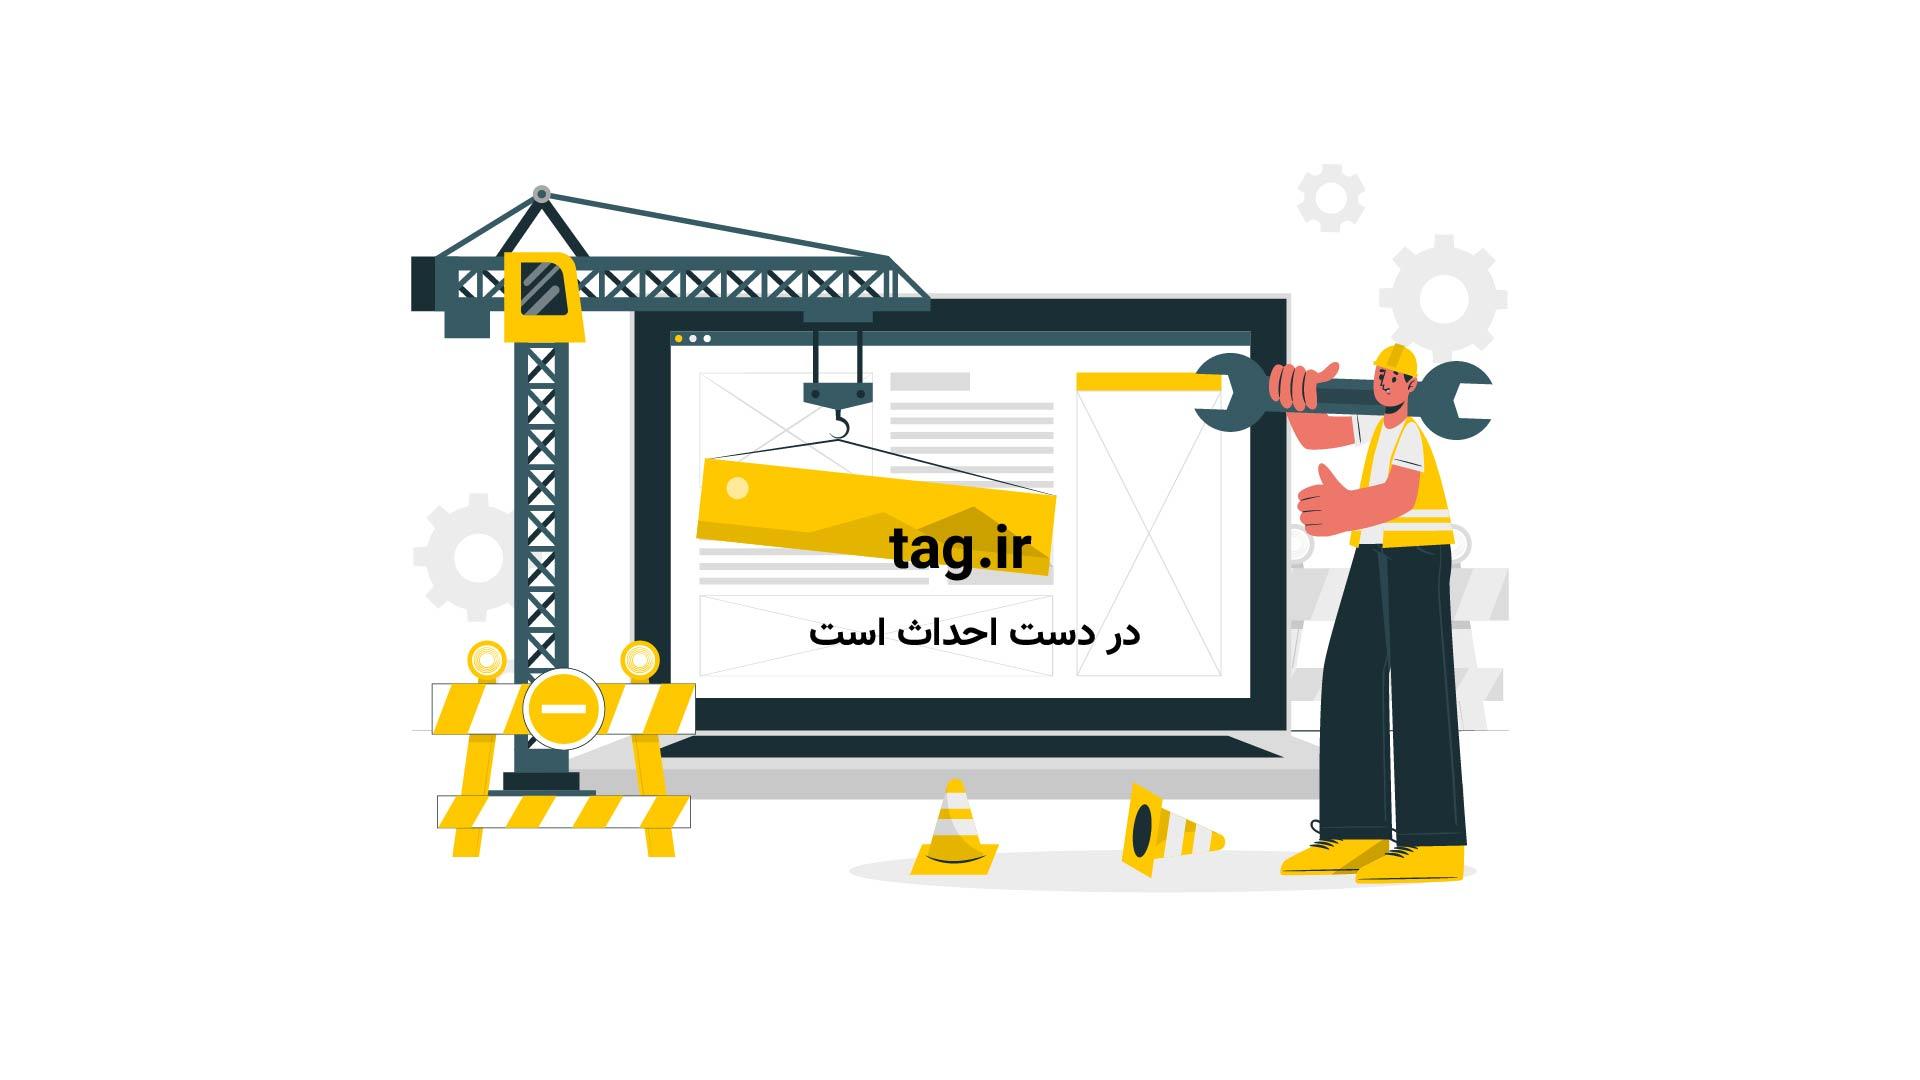 تصادف در چین